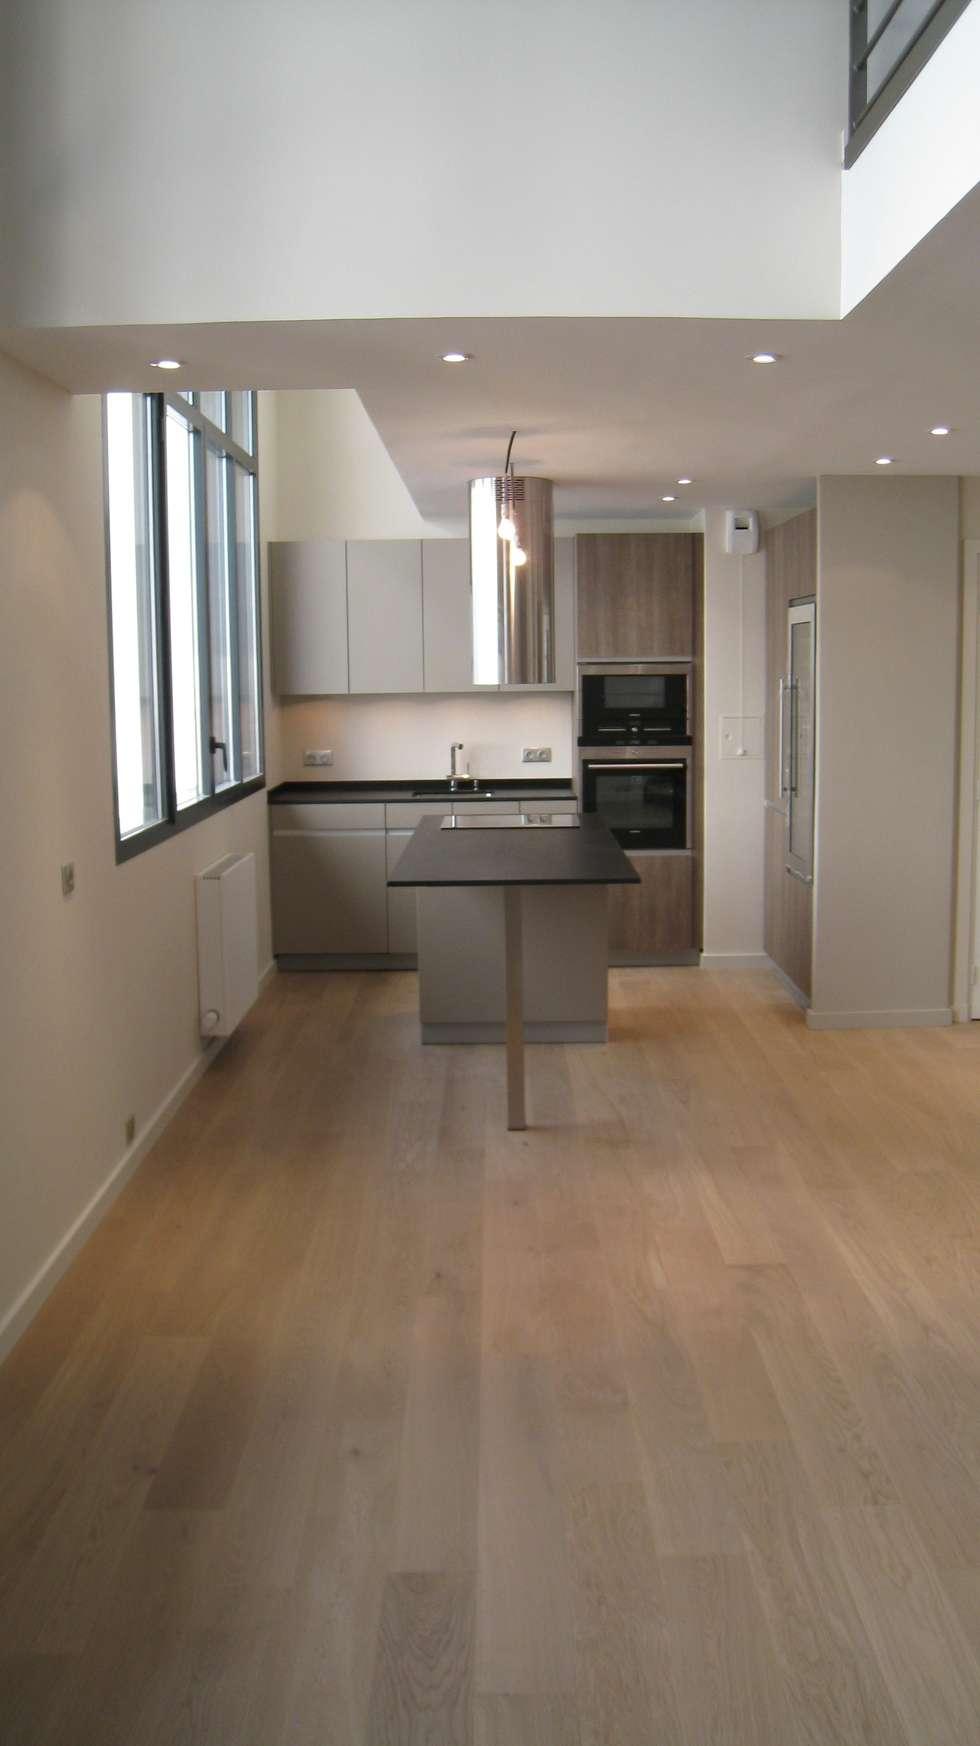 Cuisine en loft paris 16 eme: Couloir et hall d'entrée de style  par Philippe Ponceblanc Architecte d'intérieur